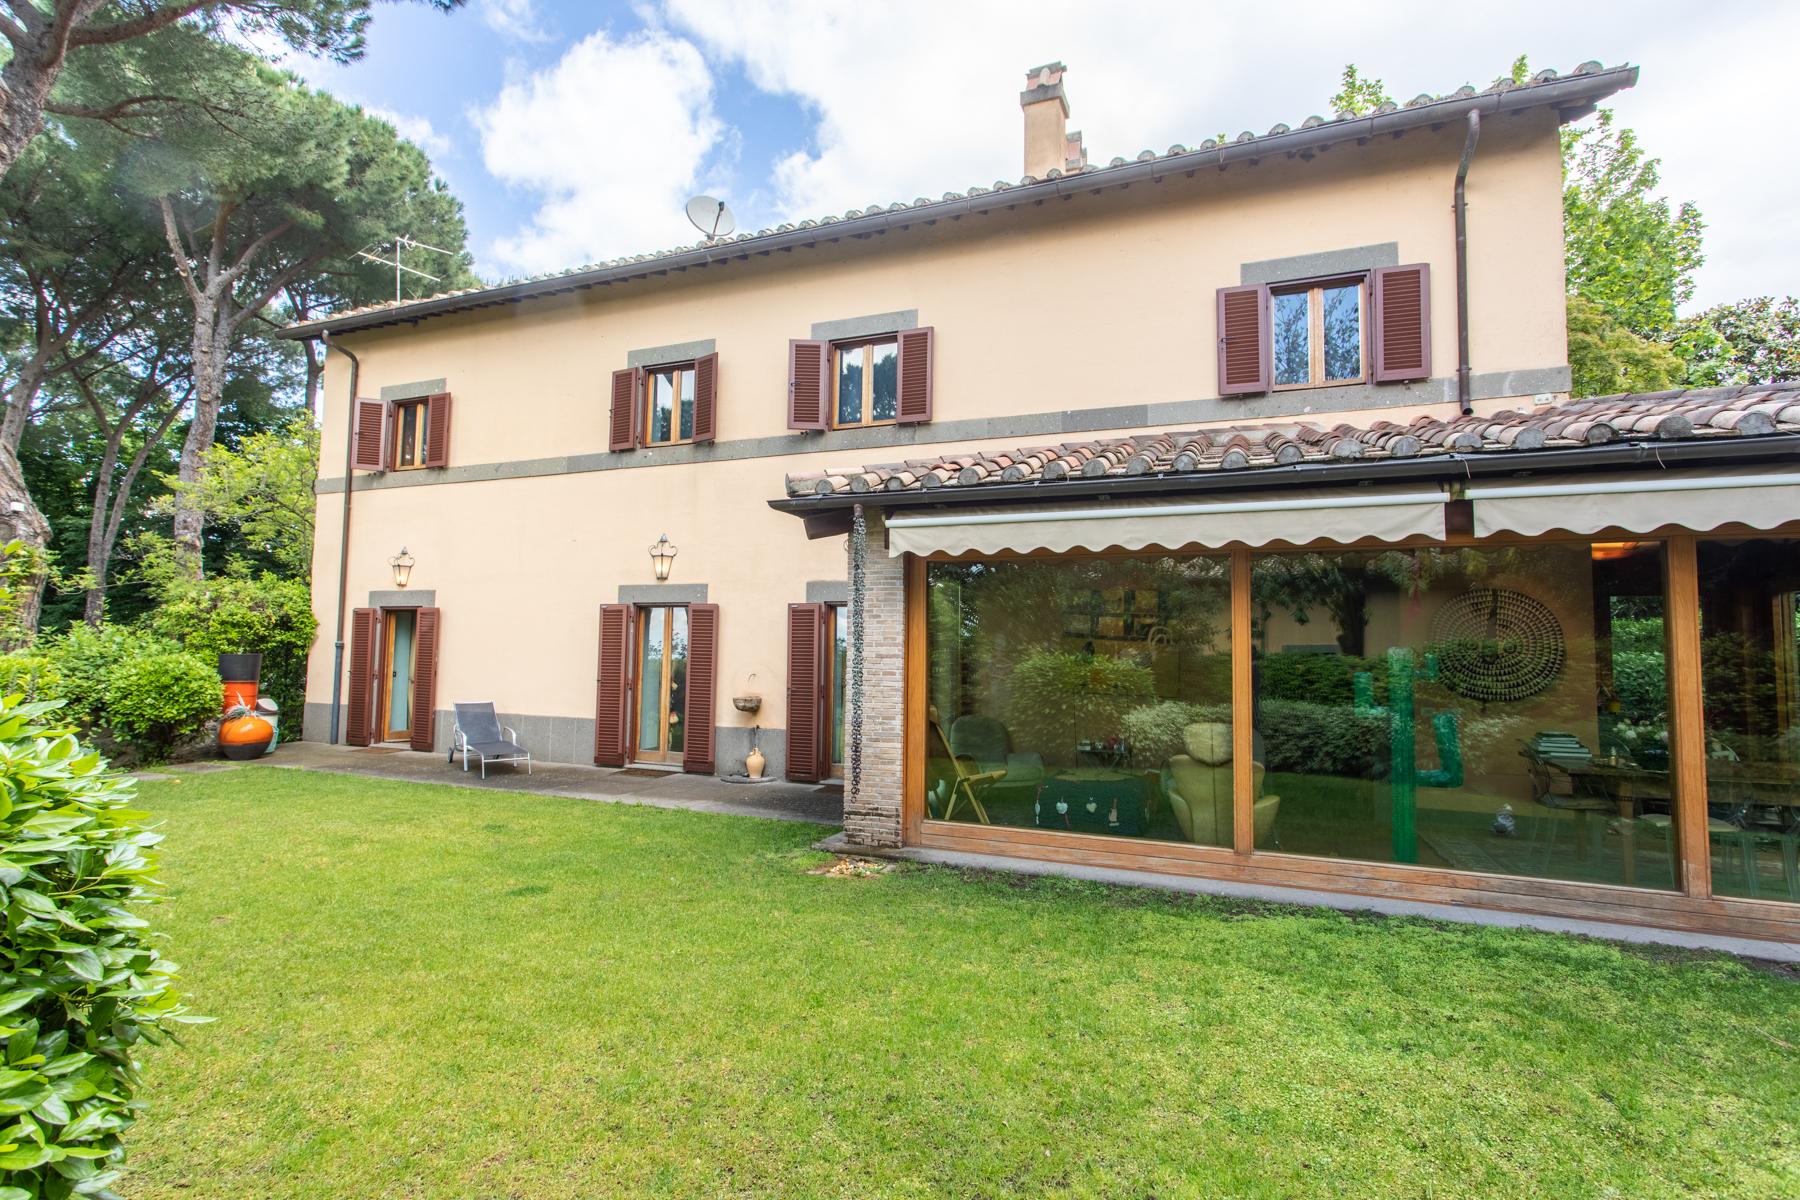 Villa in Vendita a Castel Gandolfo: 5 locali, 400 mq - Foto 23